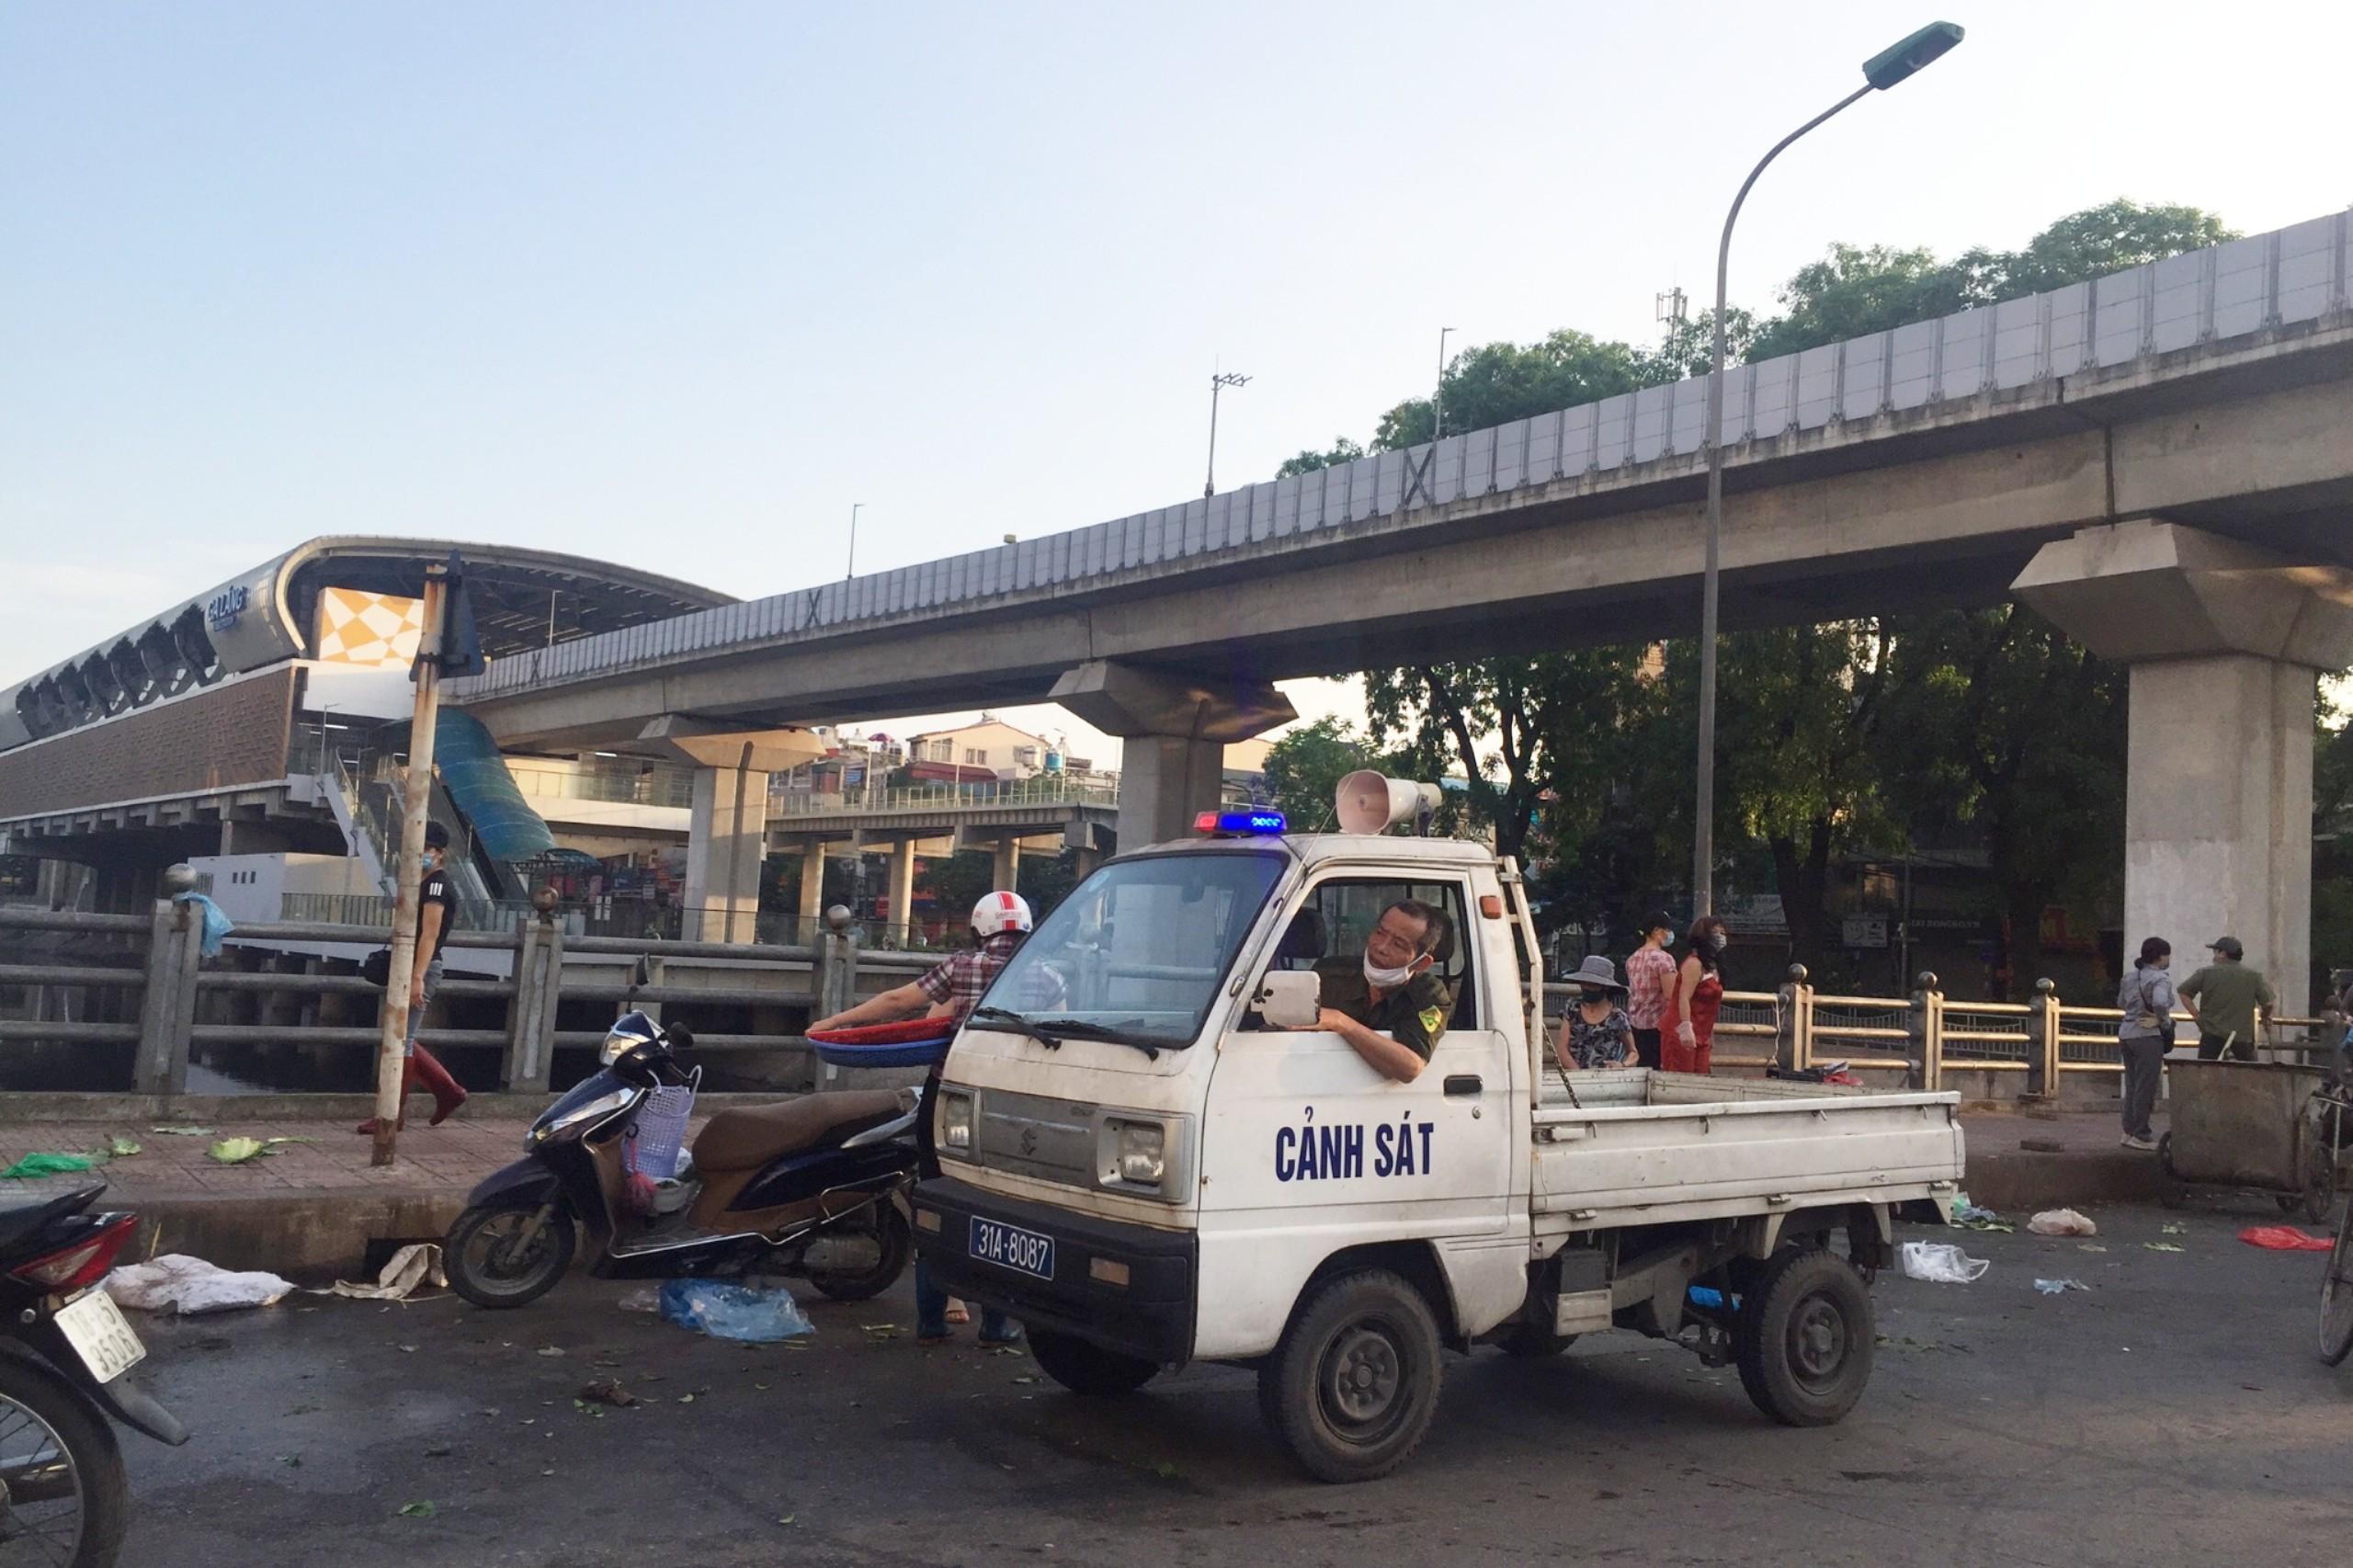 Chợ cóc, chợ tạm ở Hà Nội vẫn hoạt động bất chấp lệnh cấm - Ảnh 5.